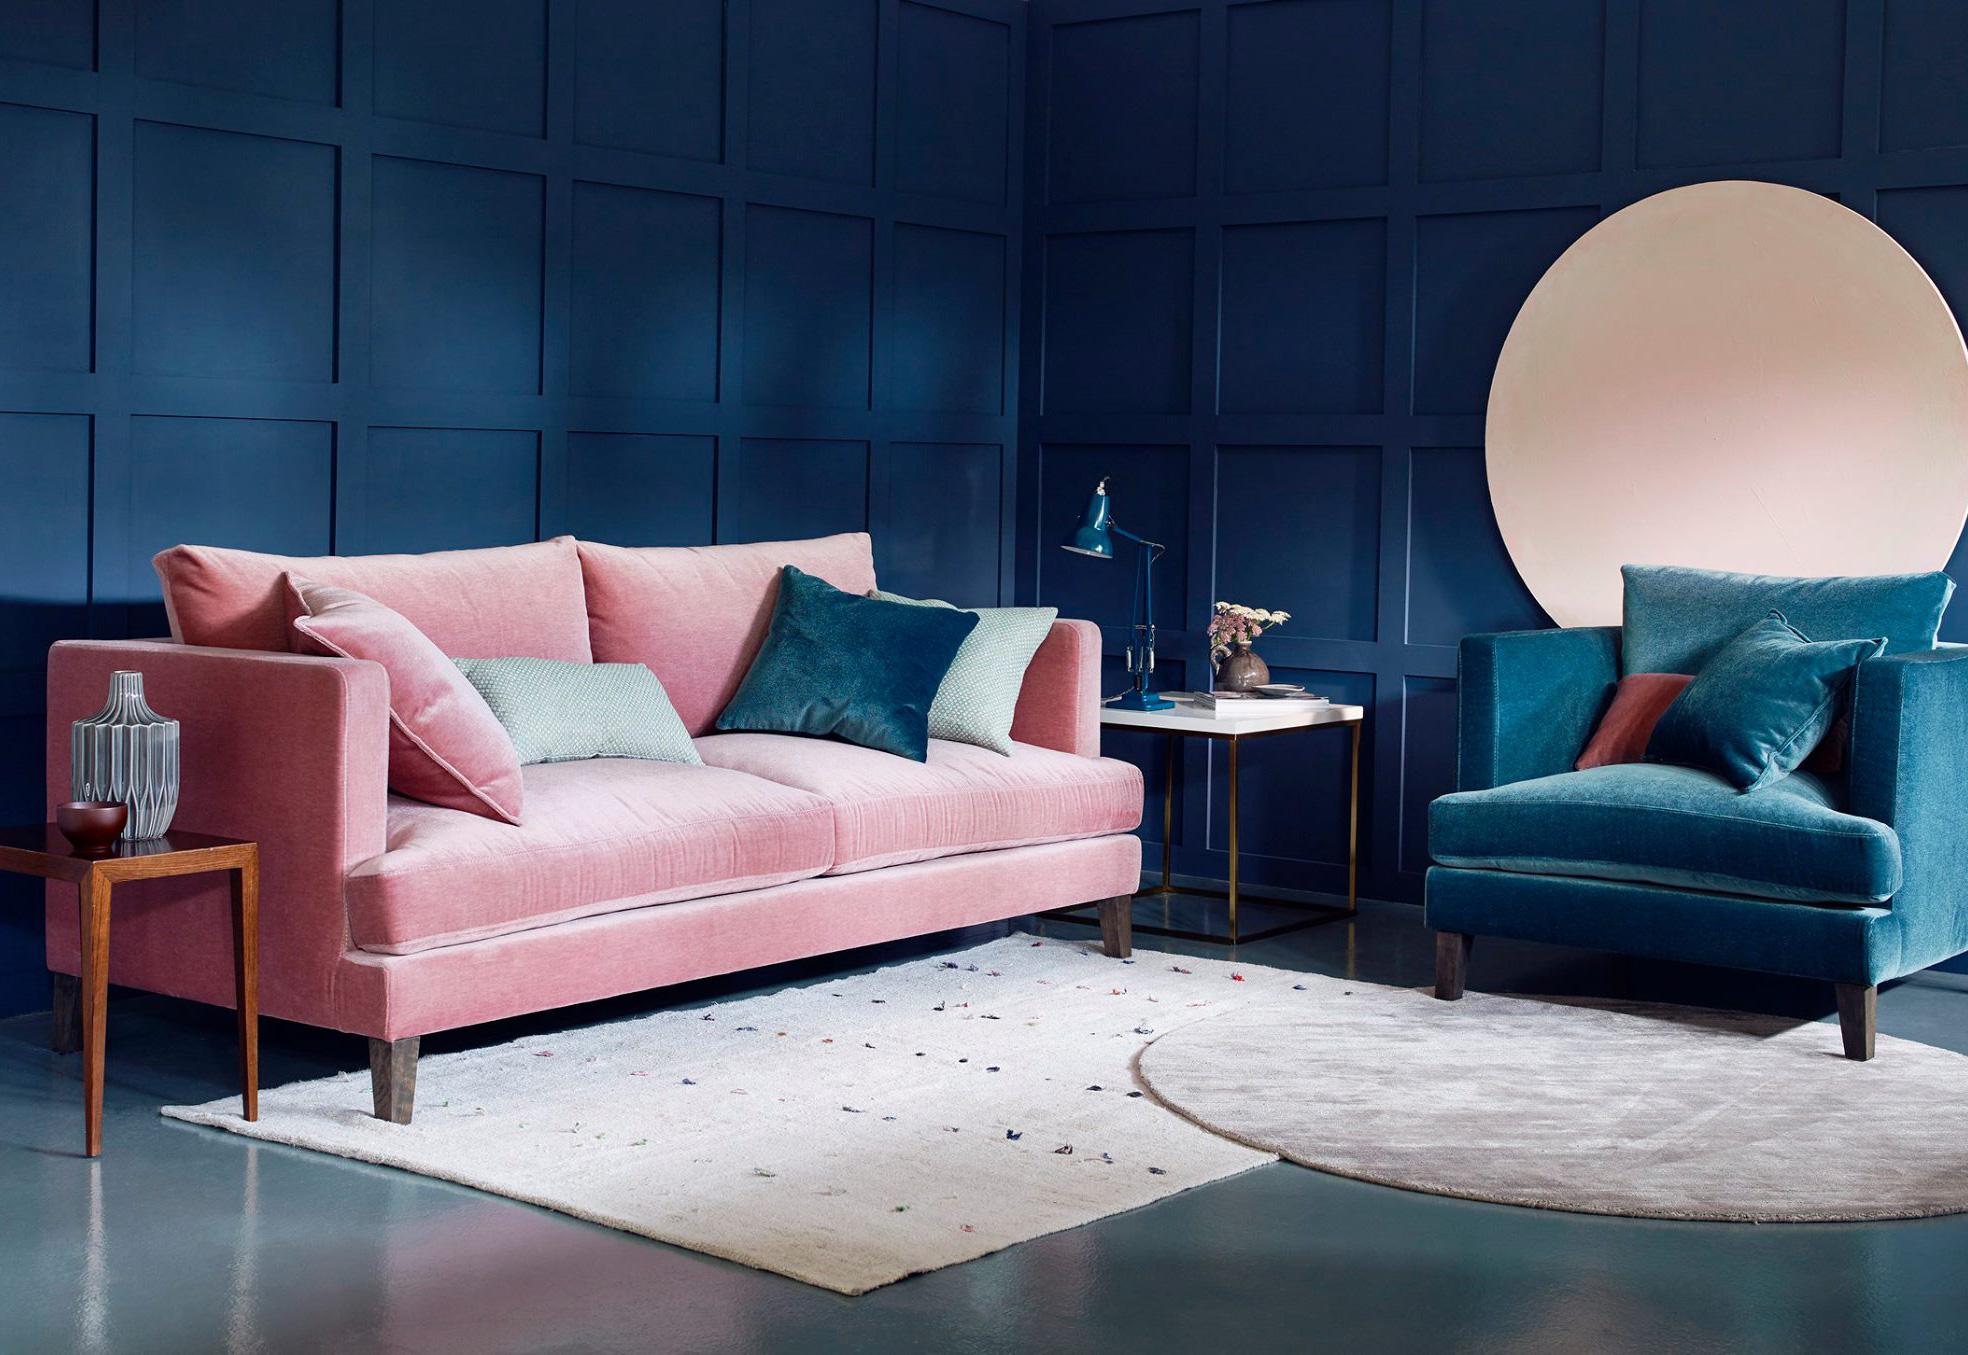 combinaciones de colores para pintar las paredes 2019, rosado pastel y azul oscuro, ideas sobre qué colores se llevan para pintar un salón